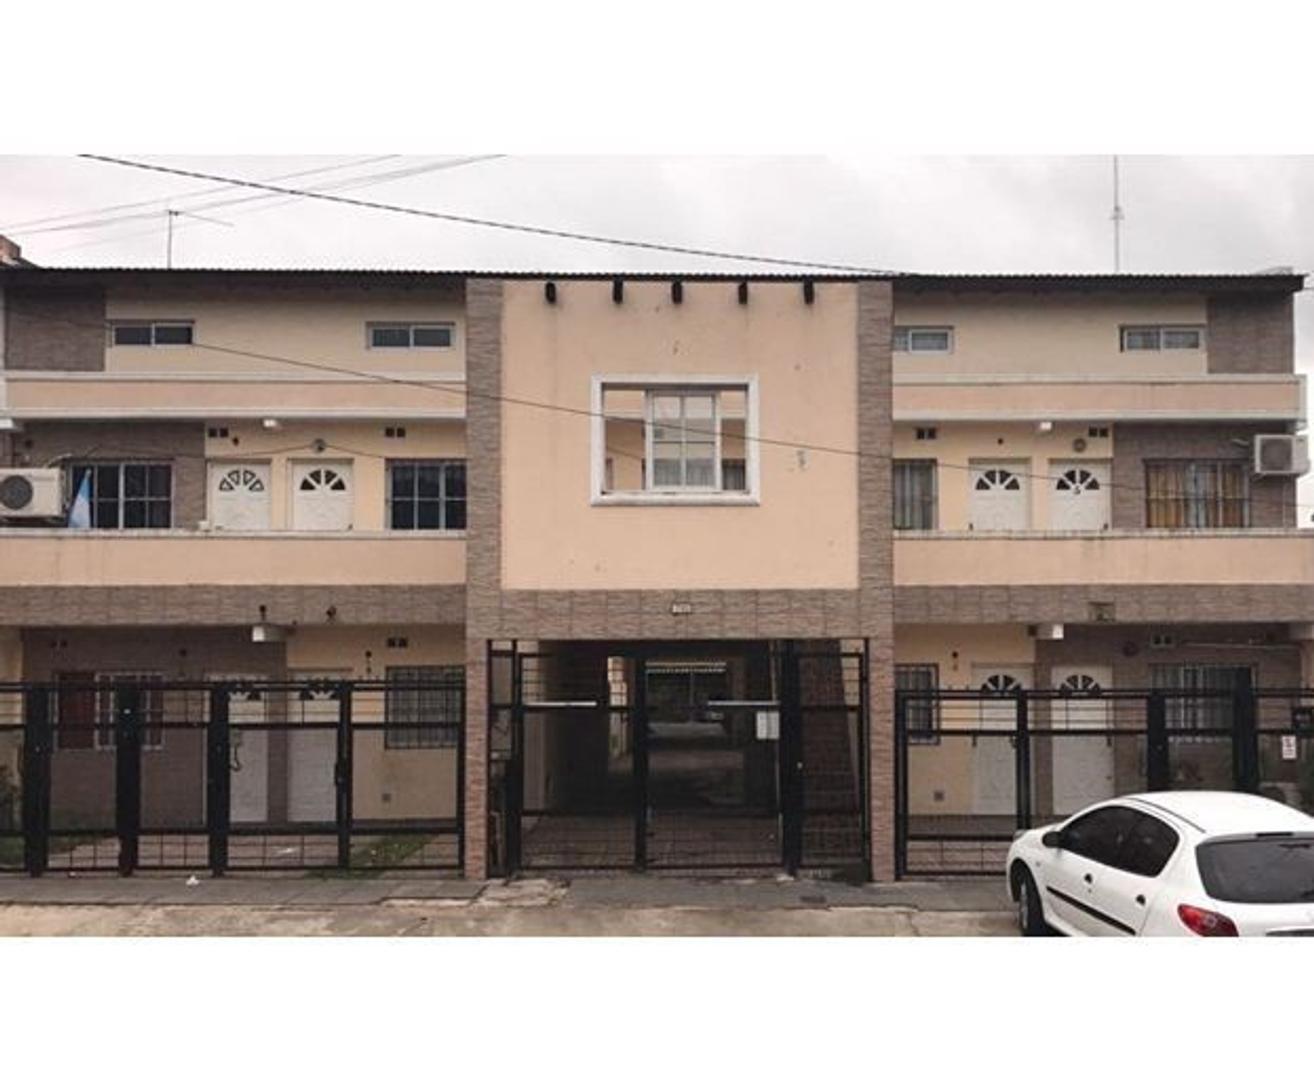 XINTEL(FNE-FNE-56) Departamento - Venta - Argentina, San Miguel - Jose Maria Paz 1752